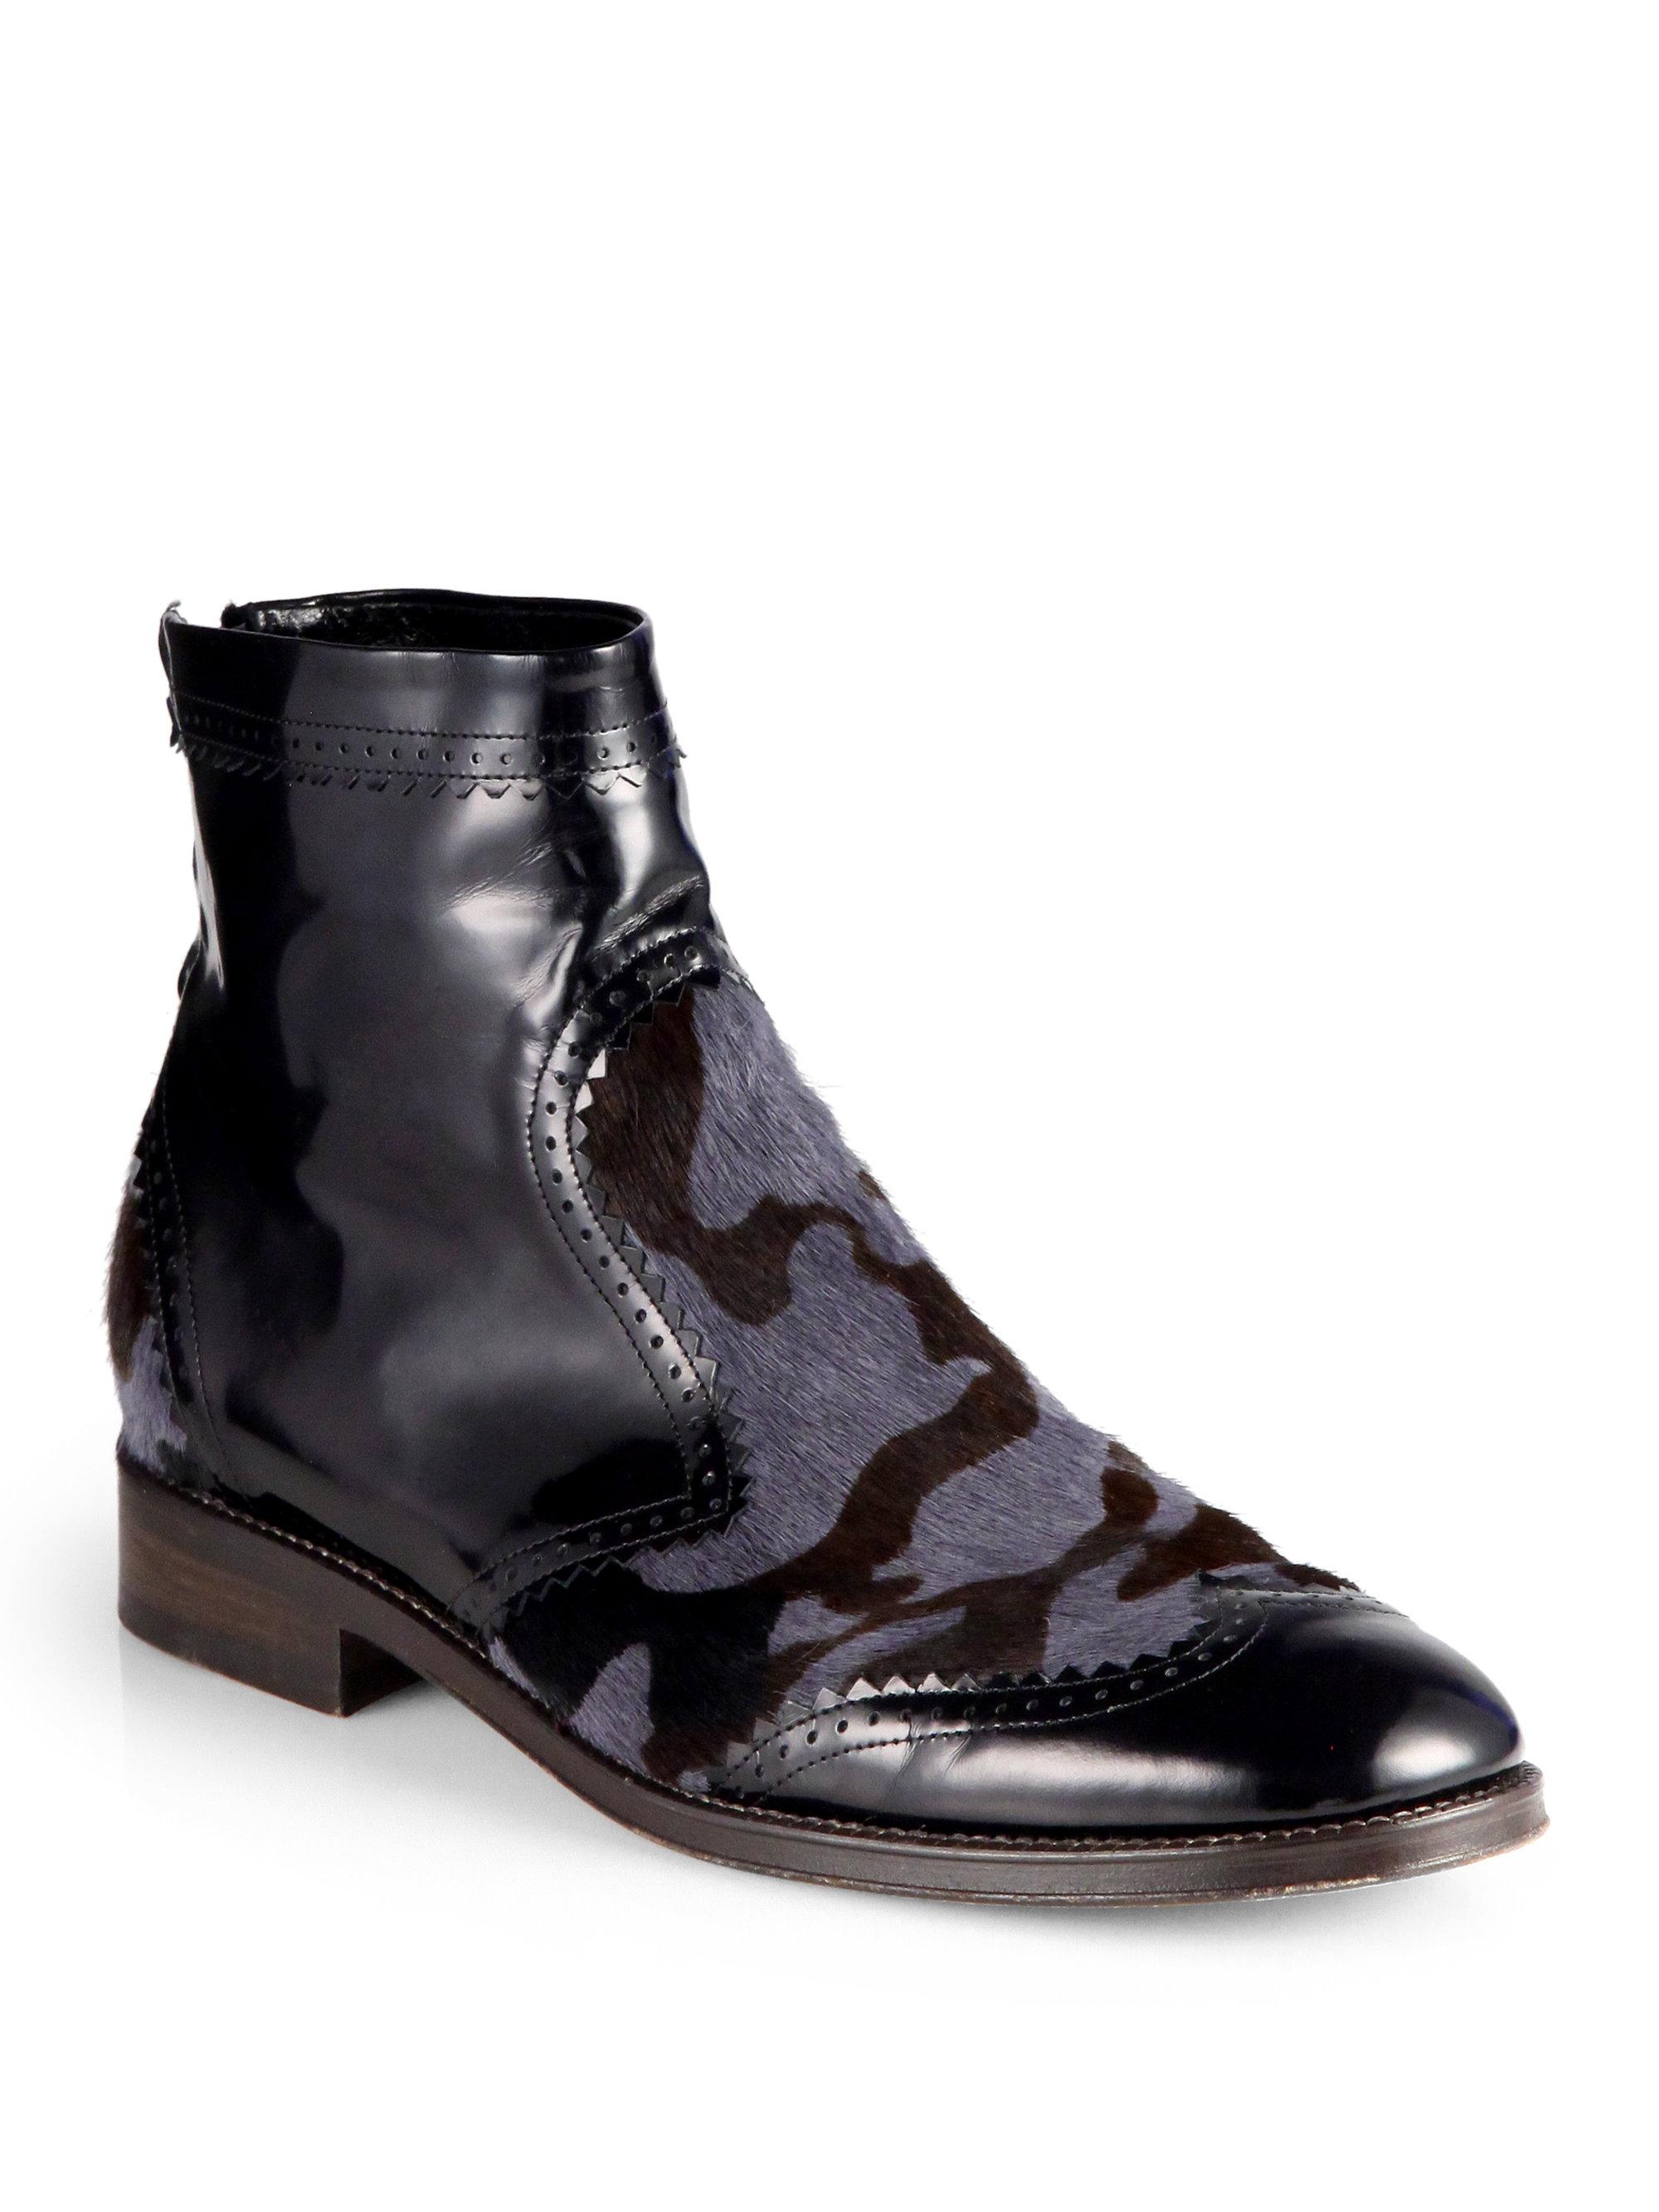 Mens Calf Hair Shoes